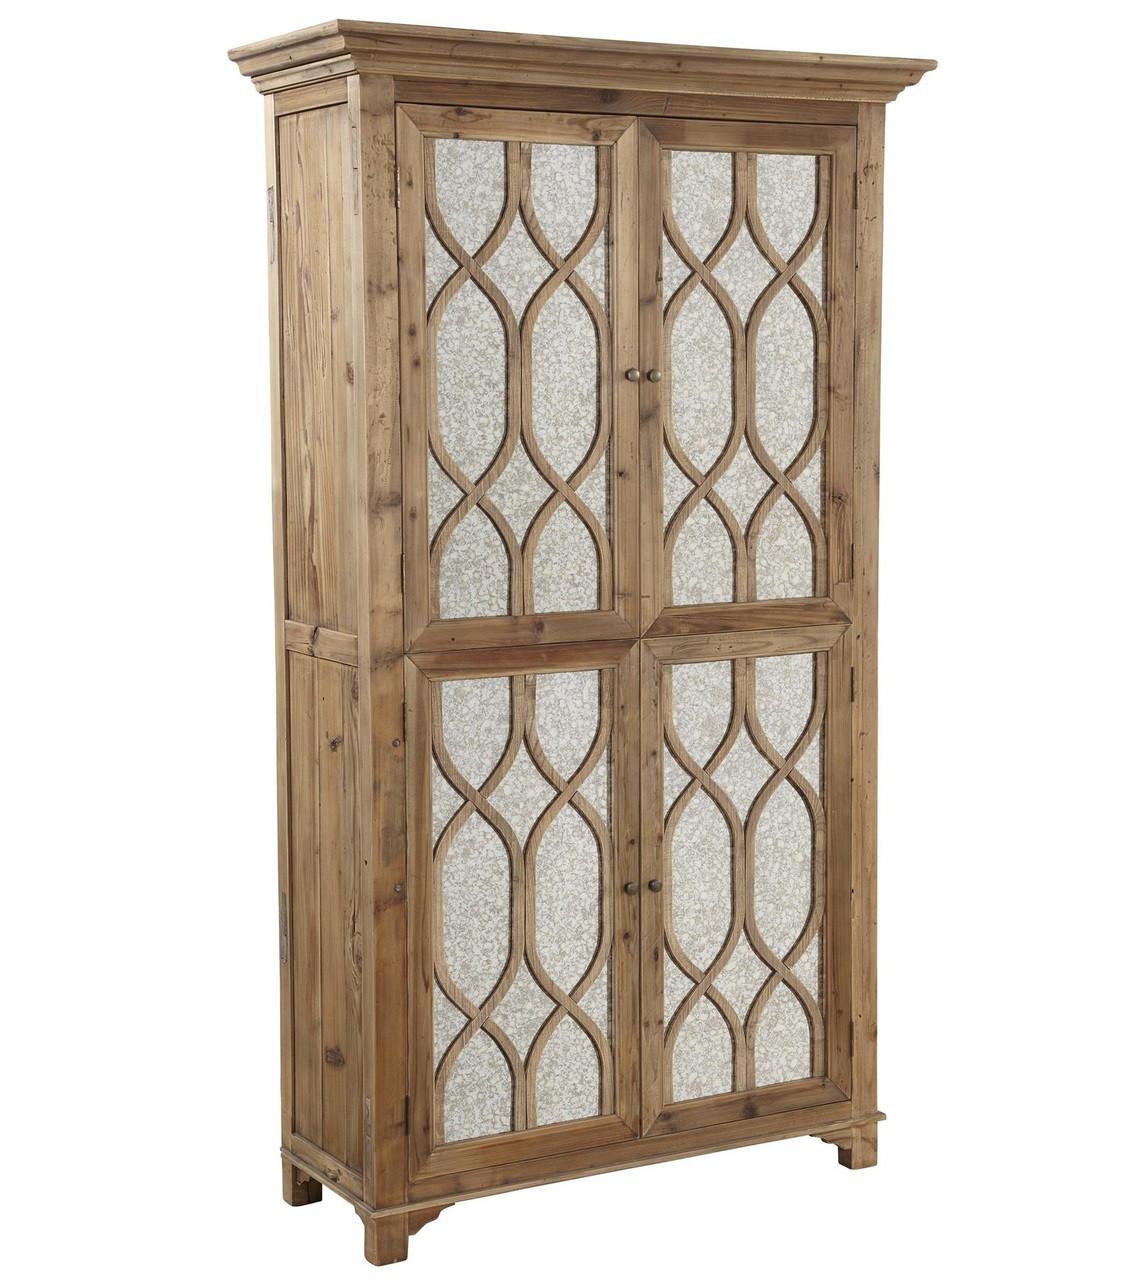 French Lattice Reclaimed Wood 2 Door Mirrored Cabinet Zin Home